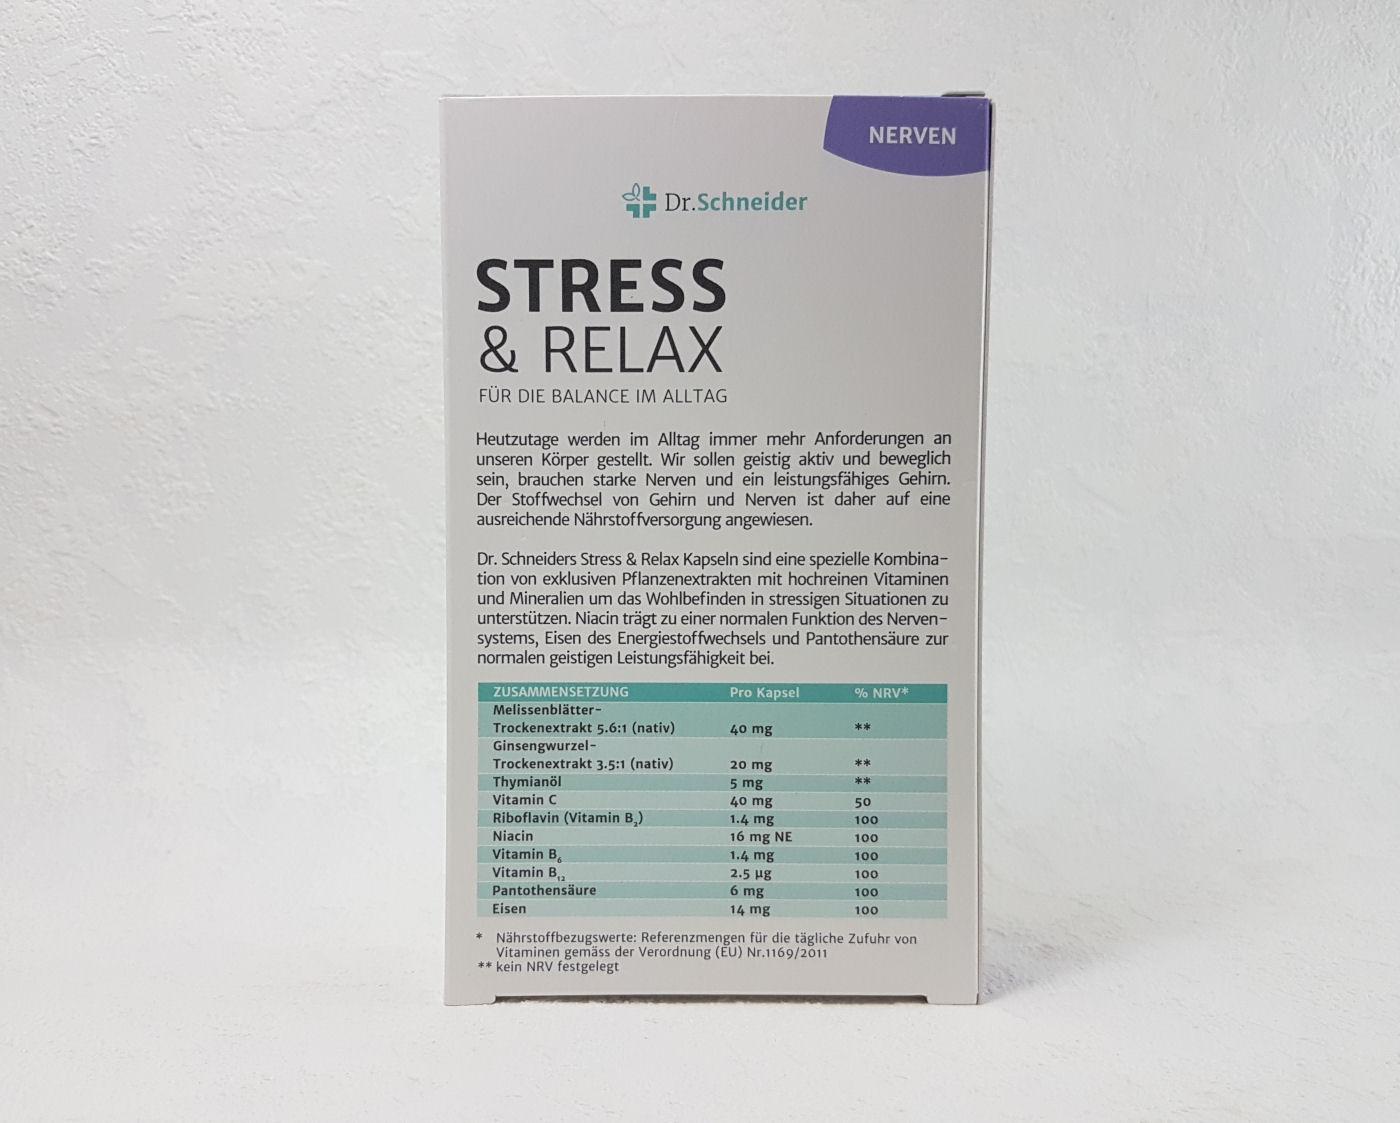 Project: Test It!: Dr. Schneider Stress & Relax für Balance im Alltag